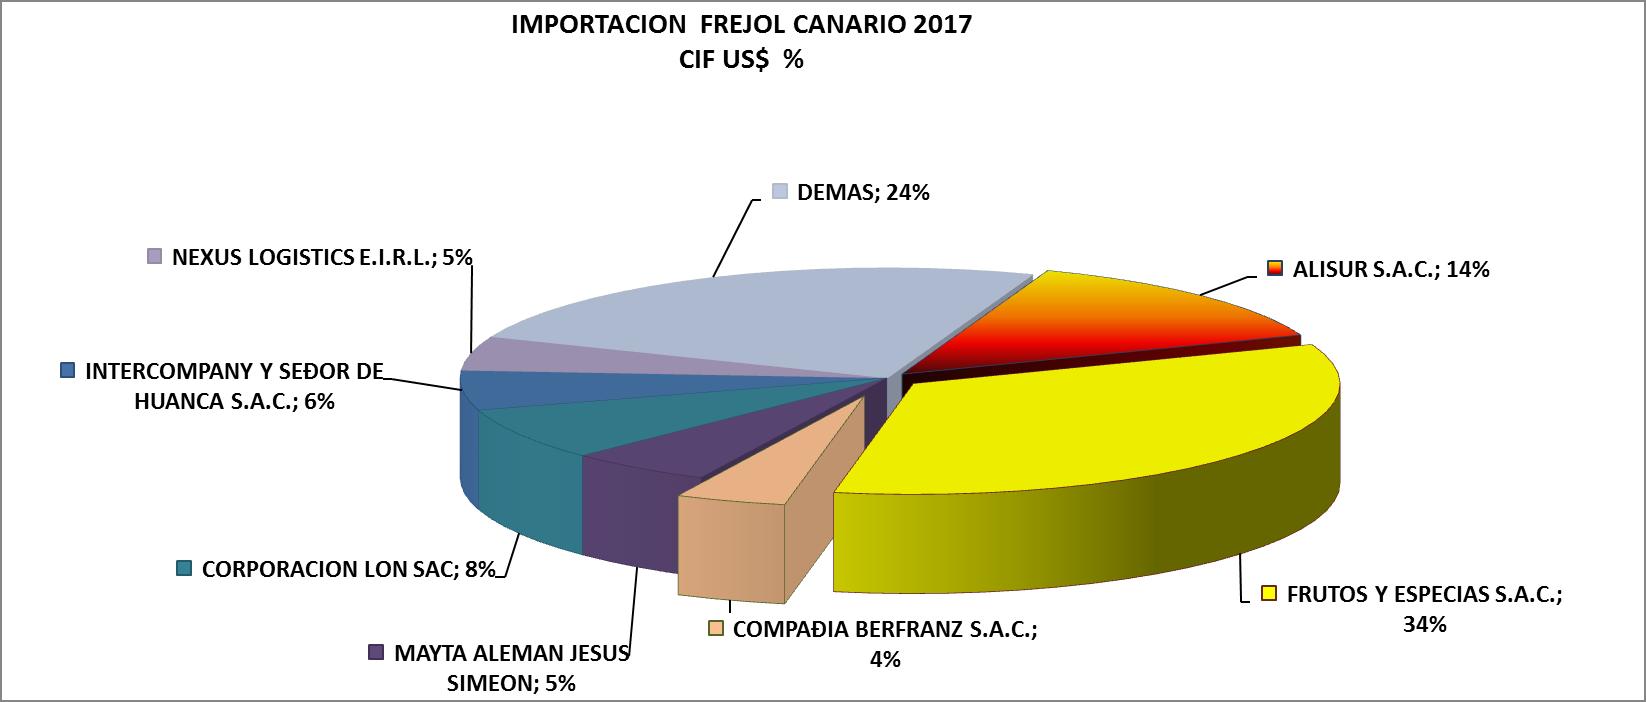 Frejol Canario Perú Importación 2017 Agosto